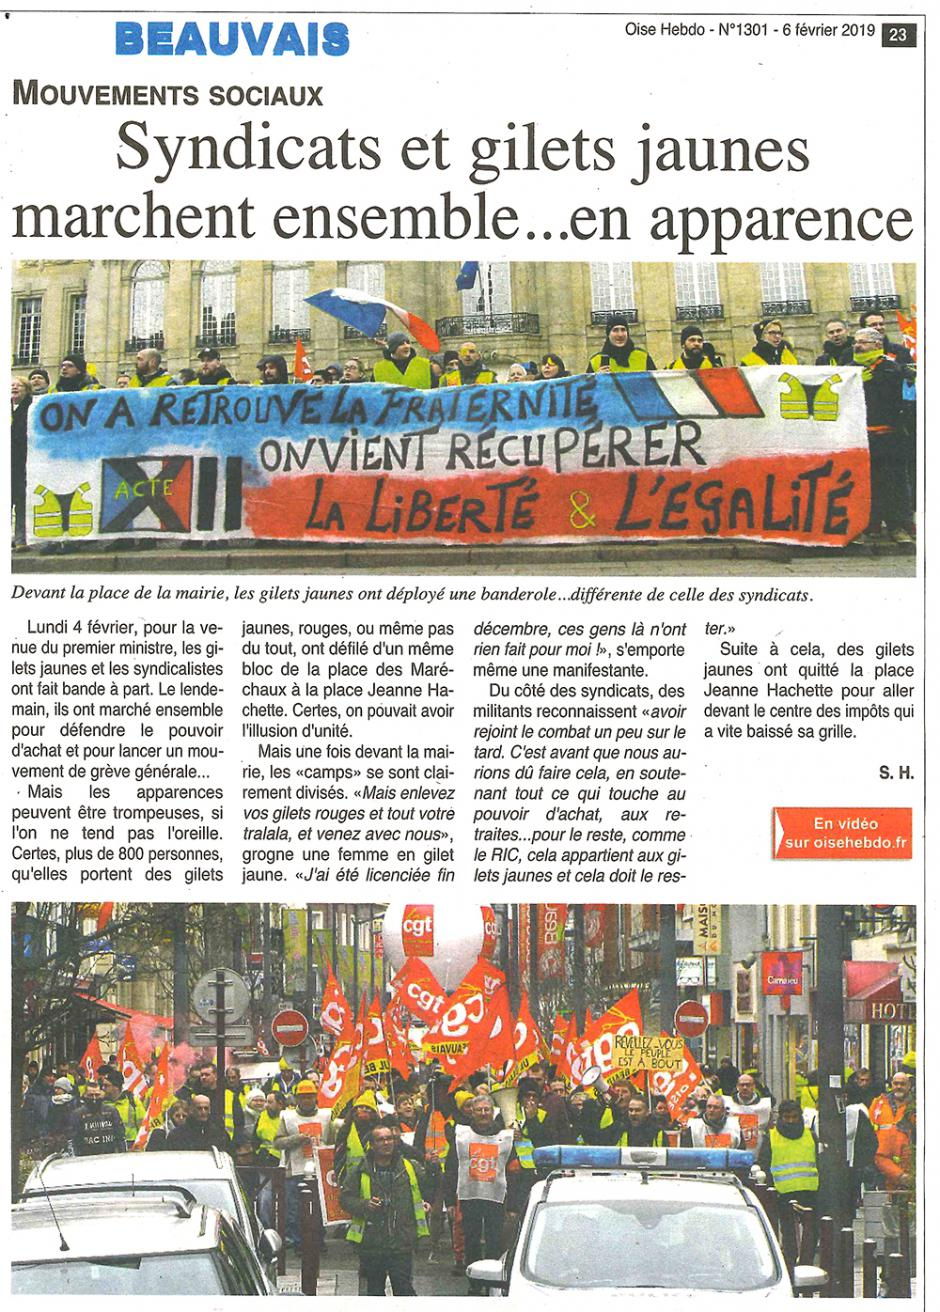 20190206-OH-Beauvais-Syndicats et gilets jaunes marchent ensemble… en apparence